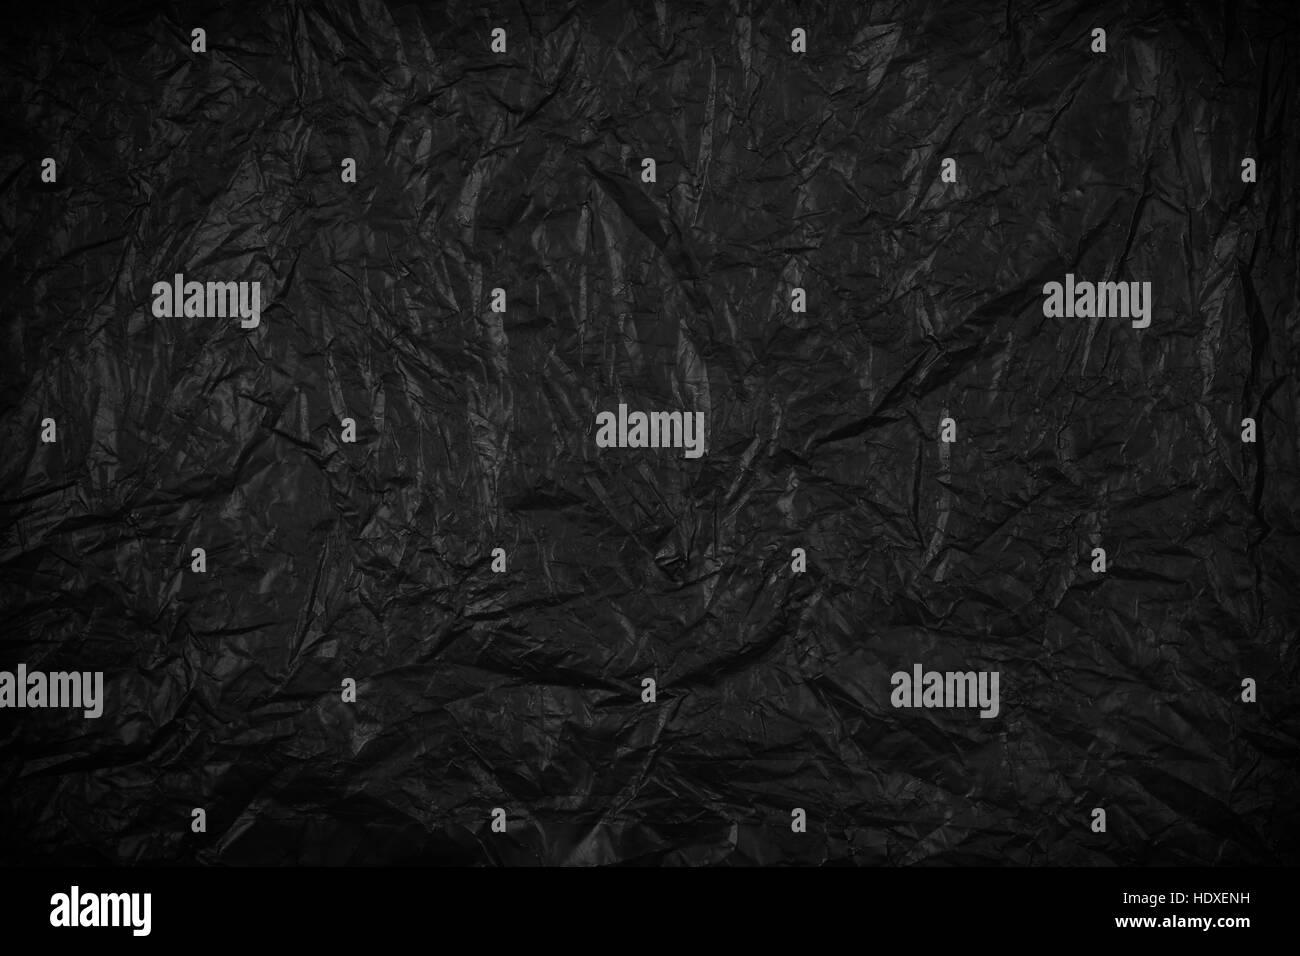 Résumé fond noir ou la texture du papier froissé Photo Stock